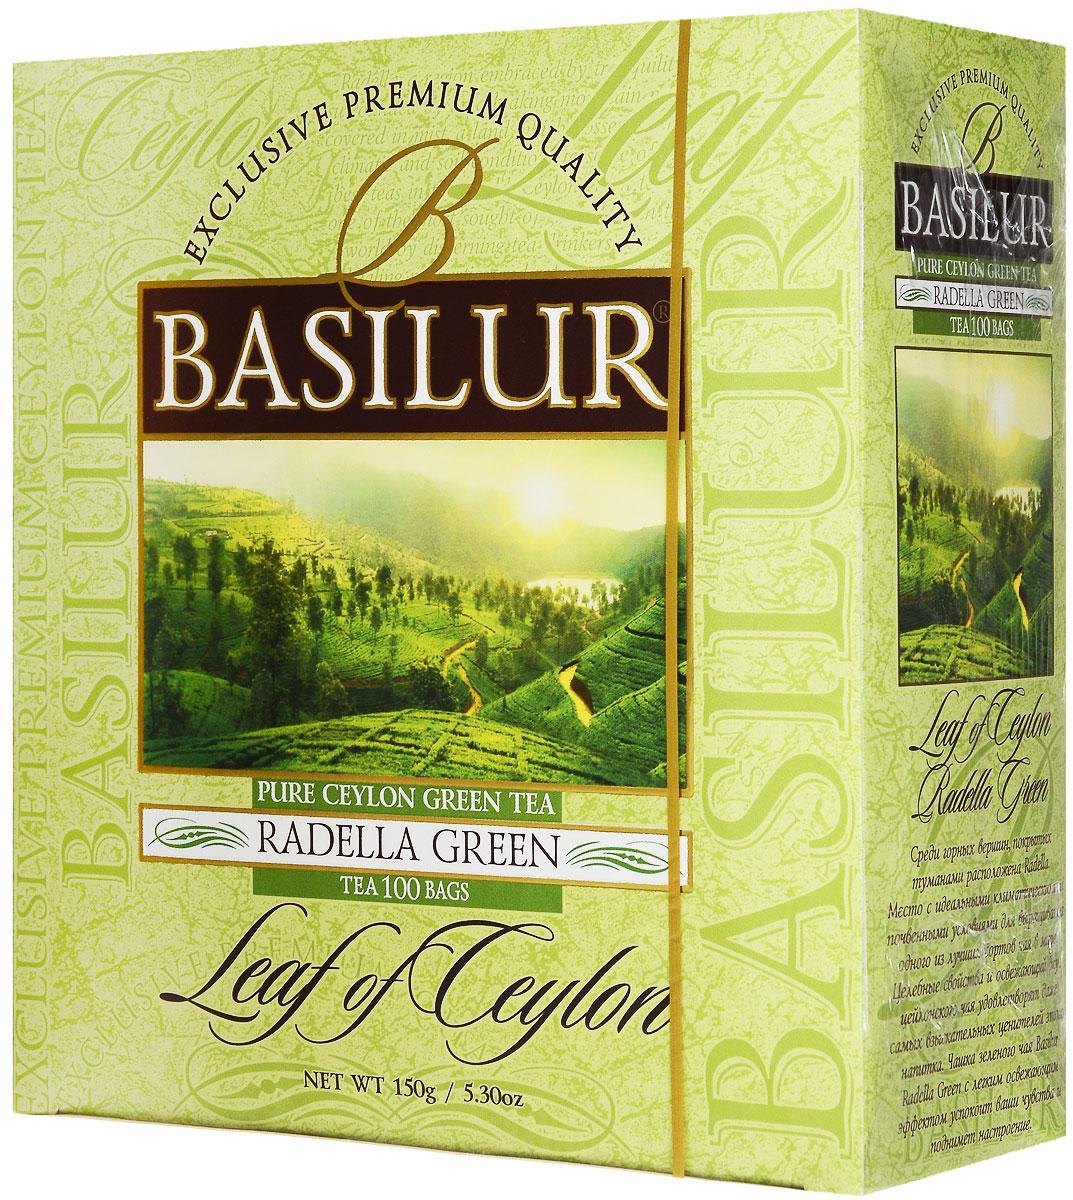 Basilur Radella зеленый чай в пакетиках, 100 шт70455-00Зелёный цейлонский байховый мелколистовой чай Basilur Radella в пакетиках с ярлычками для разовой заварки - отличный вариант на каждый день! Среди горных вершин, покрытых туманами расположена Radella. Место с идеальными климатическими и почвенными условиями для выращивания одного из лучших сортов чая в мире. Целебные свойства и освежающий вкус цейлонского чая удовлетворят даже самых взыскательных ценителей этого напитка. Чашка зеленого чая Basilur Radella Green с легким освежающим эффектом успокоит ваши чувства и поднимет настроение.